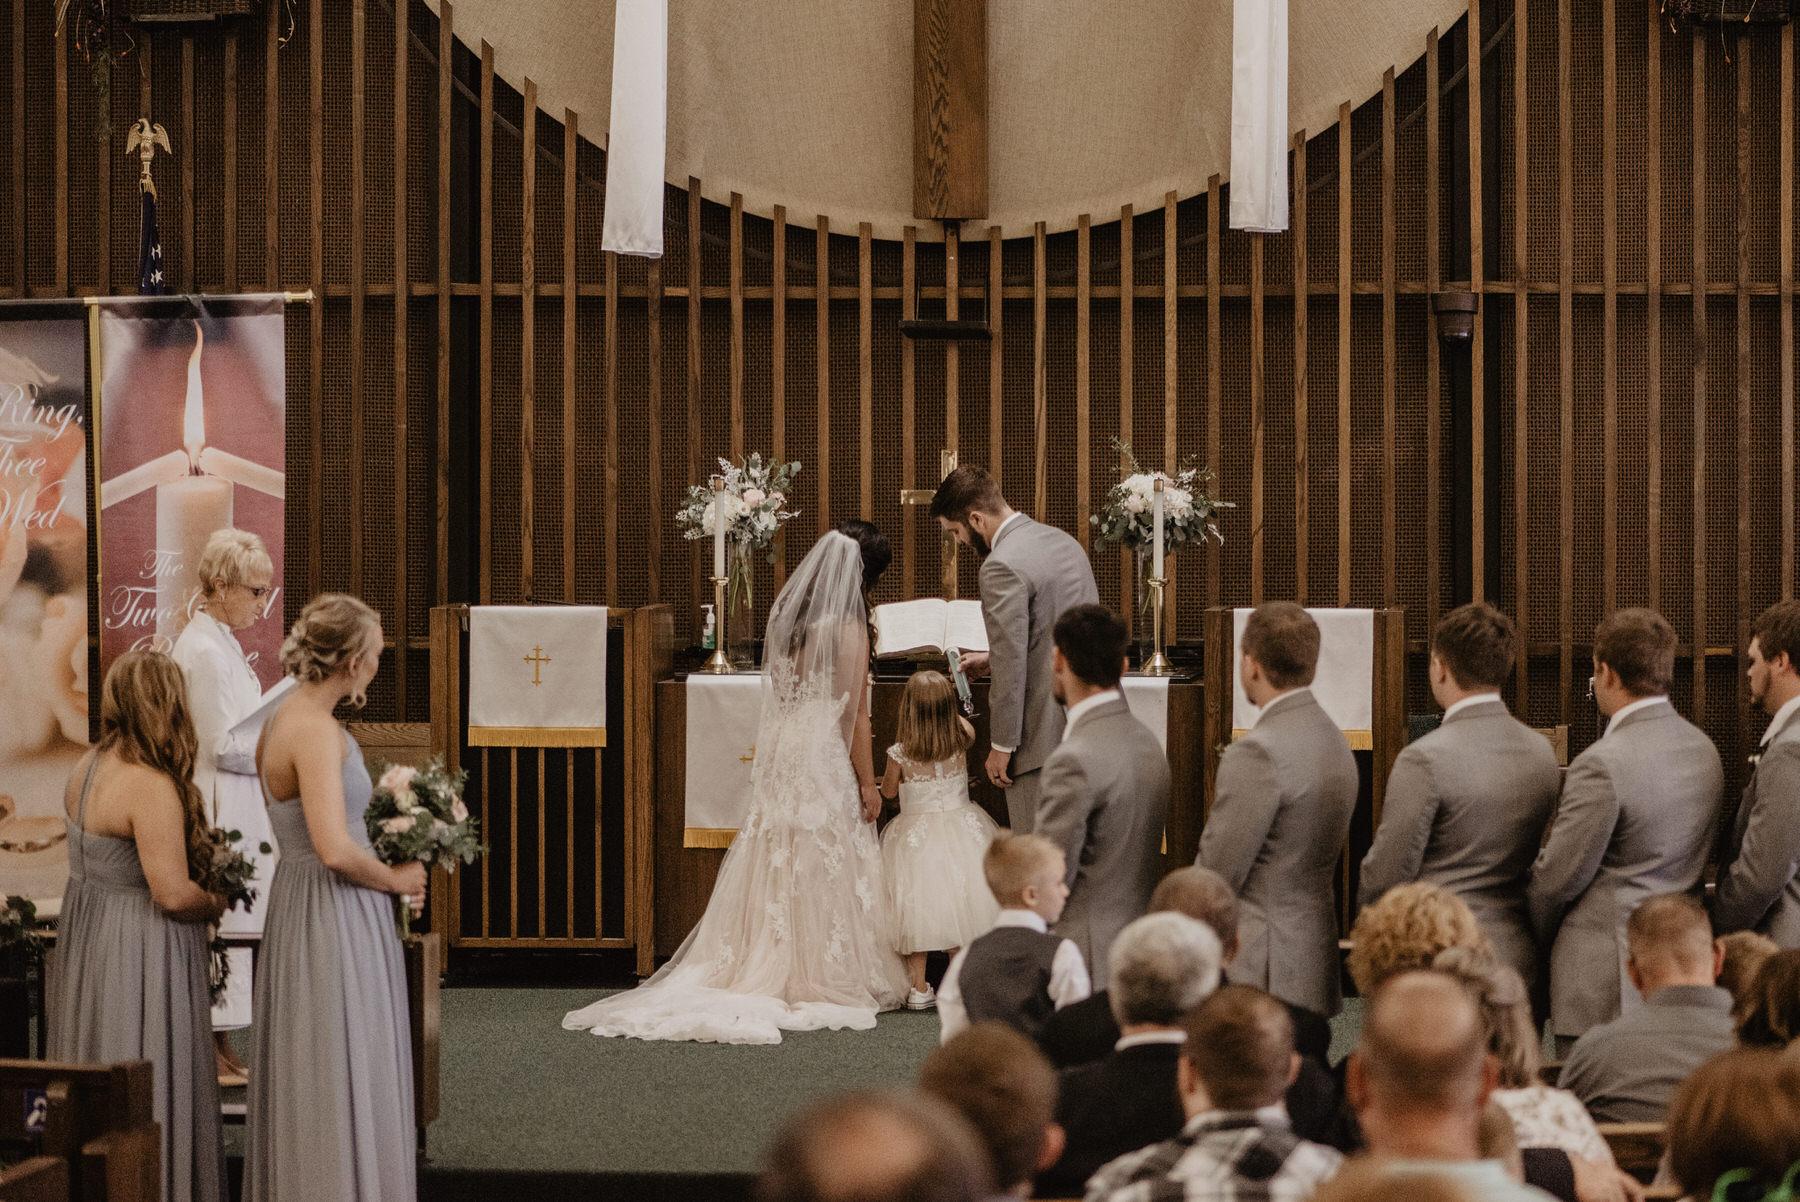 Kaylie-Sirek-Photography-Kearney-Nebraska-Wedding-054.jpg